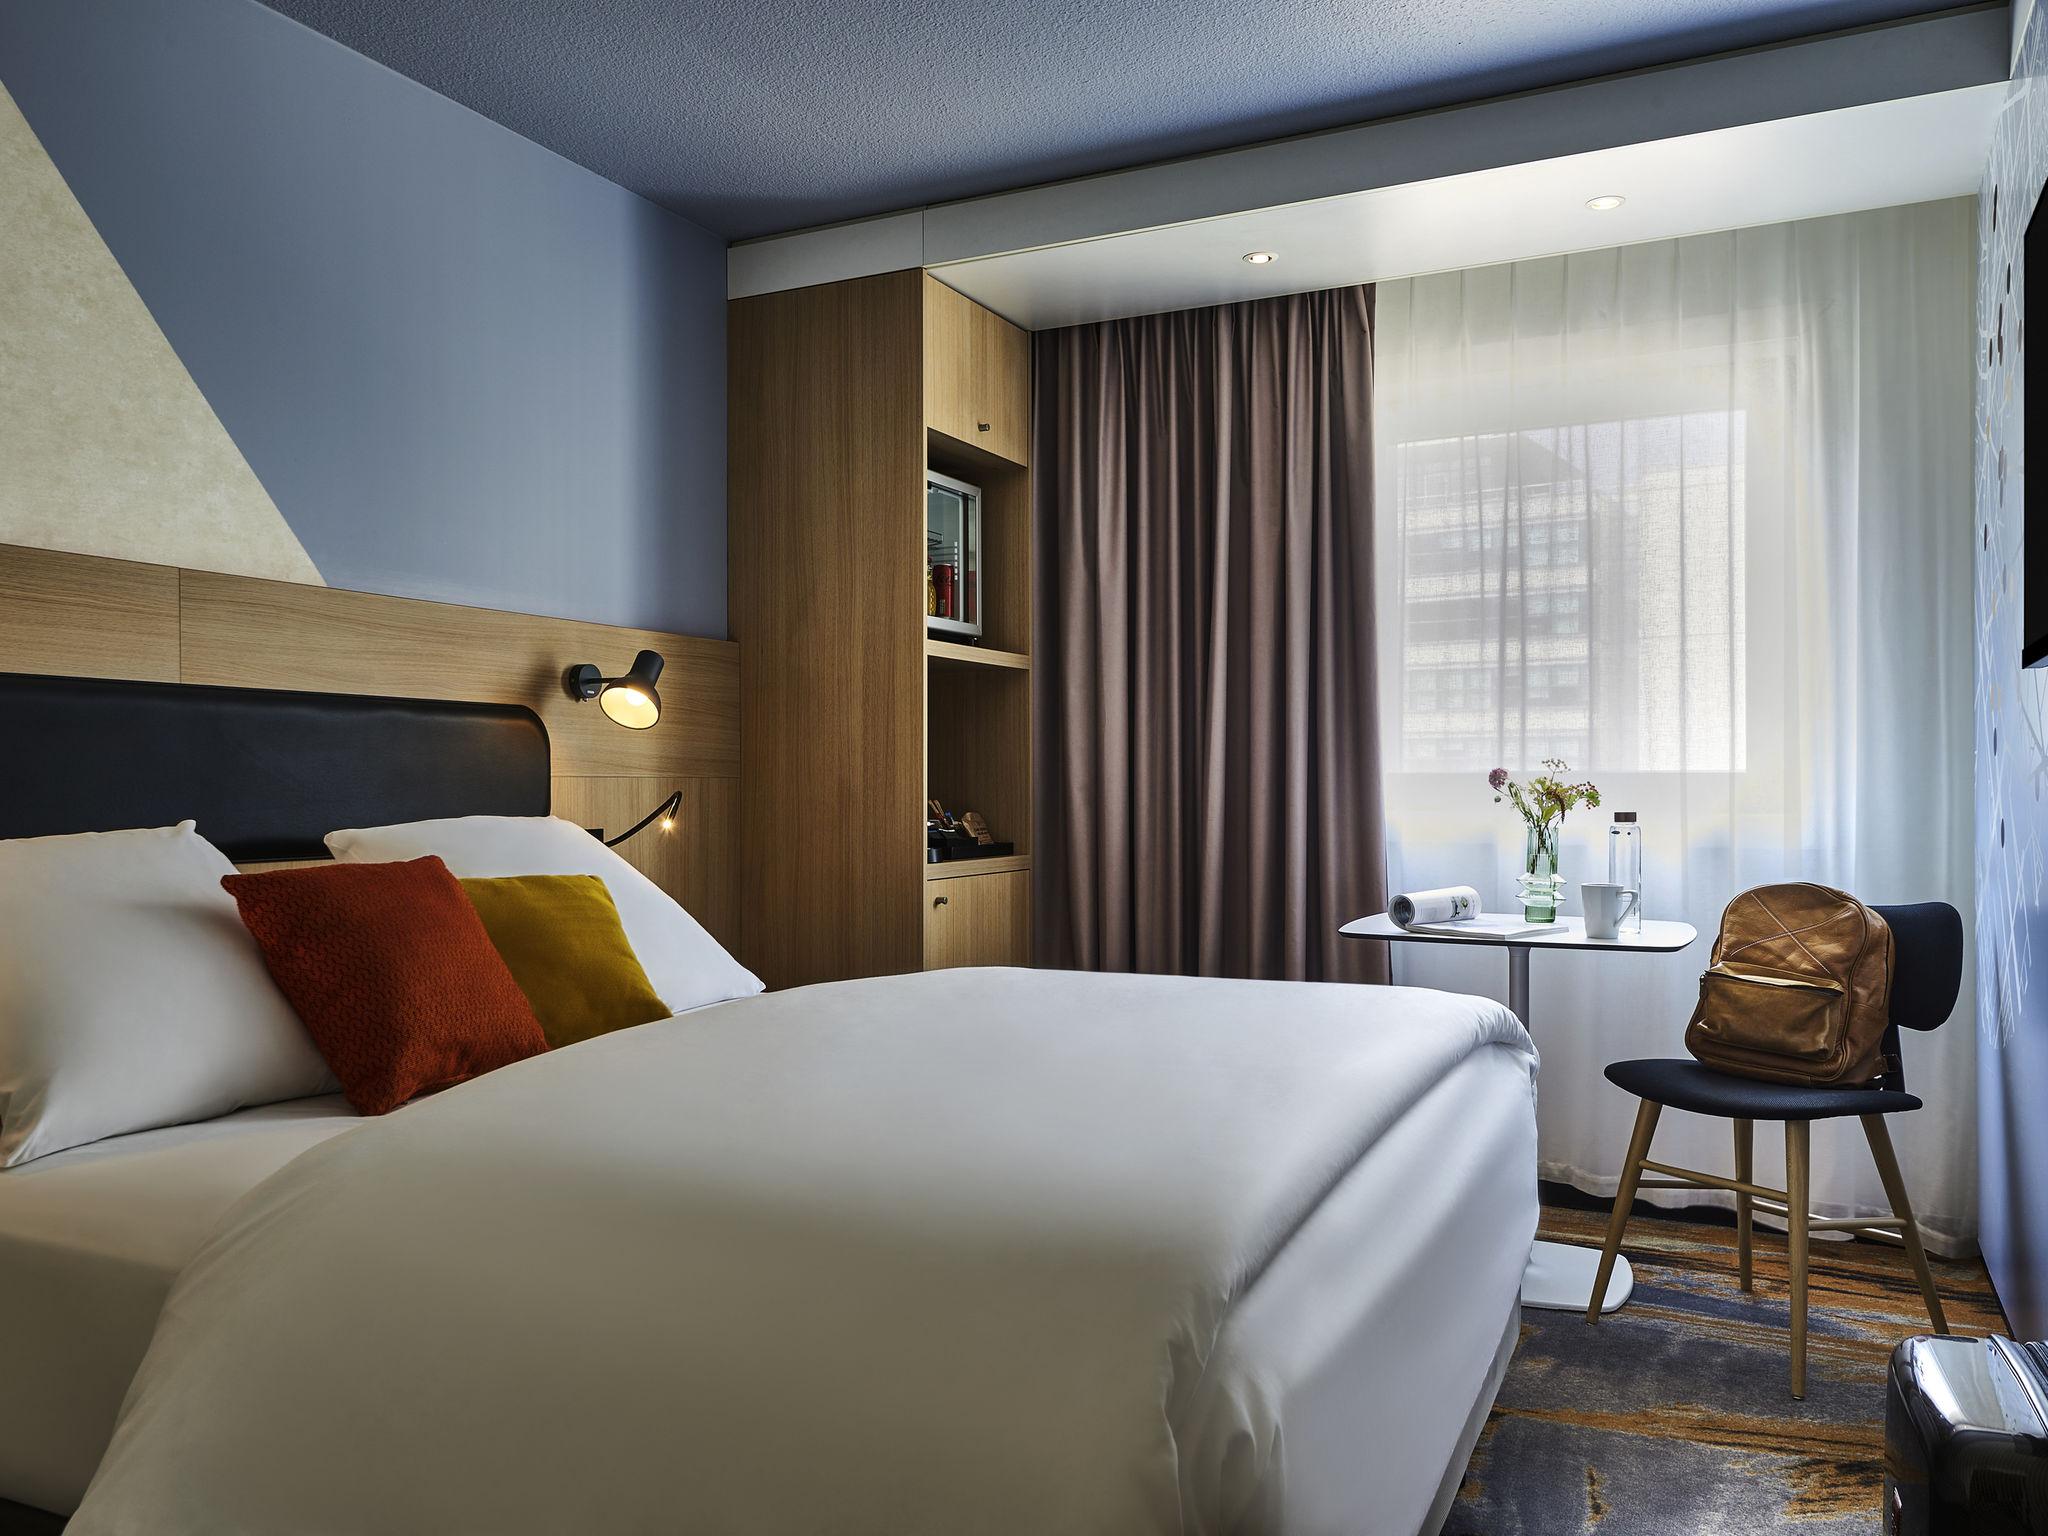 โรงแรม – โรงแรมเมอร์เคียว ปารีส การ์เดอลียง TGV